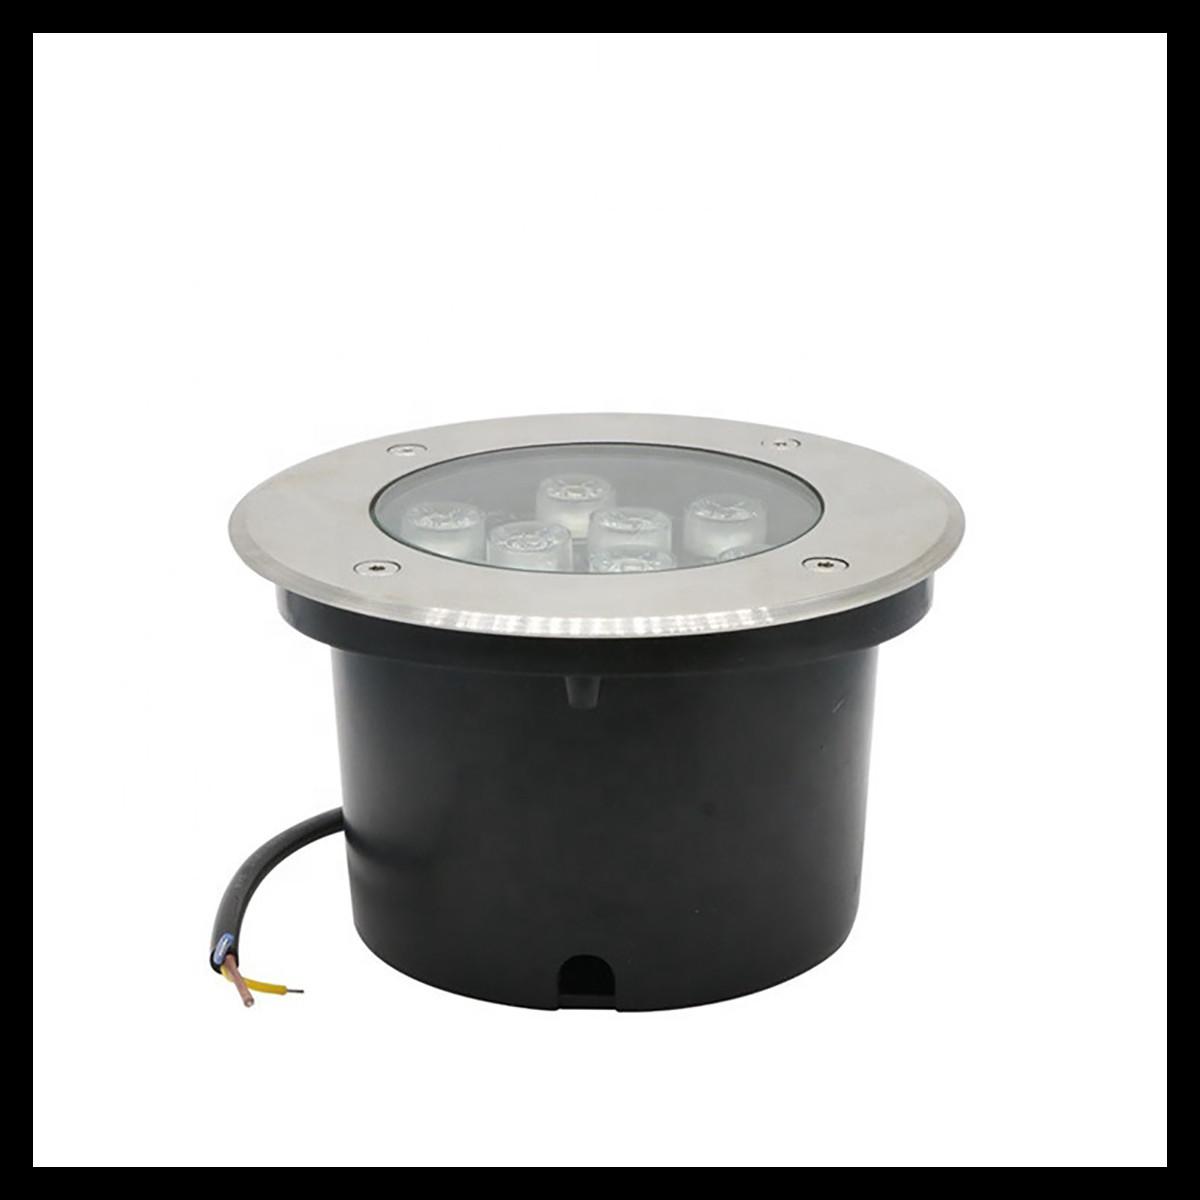 7W IP67 Waterproof 525~560 Lumens Underground Fixture Landscape Uplighting Well LED Garden Lights - 55Watt Equivalent